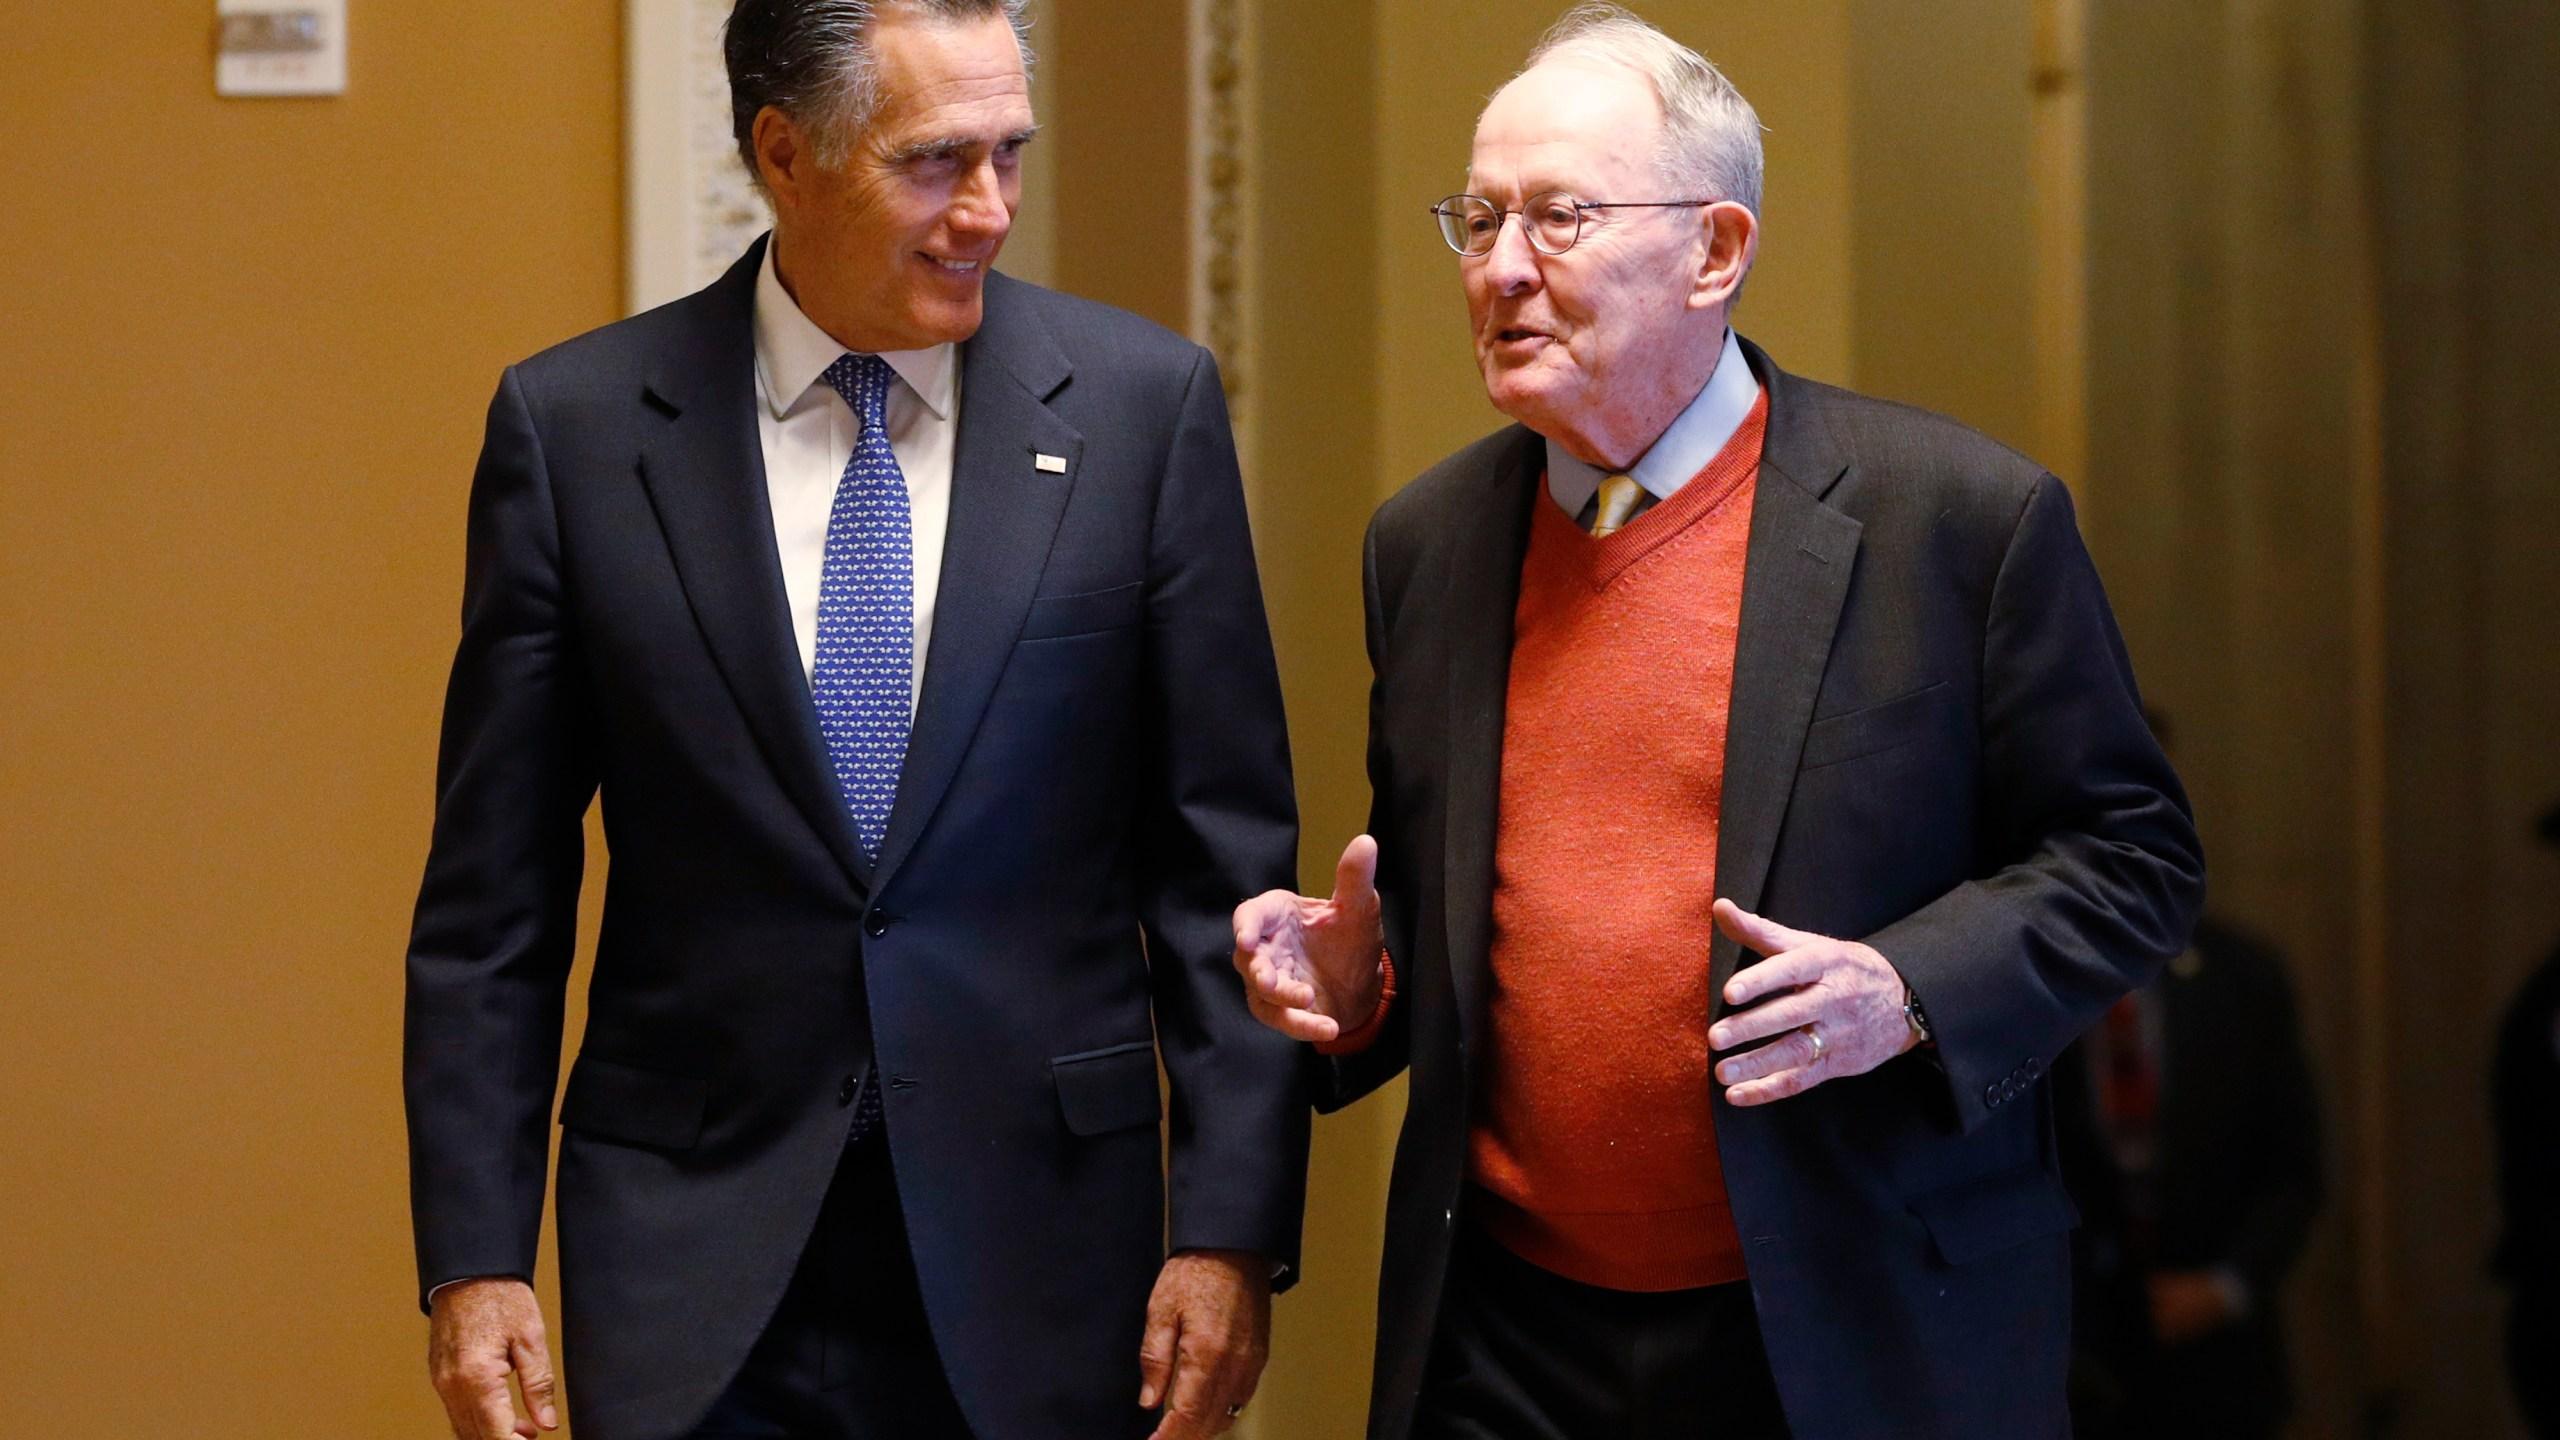 Lamar Alexander, Mitt Romney